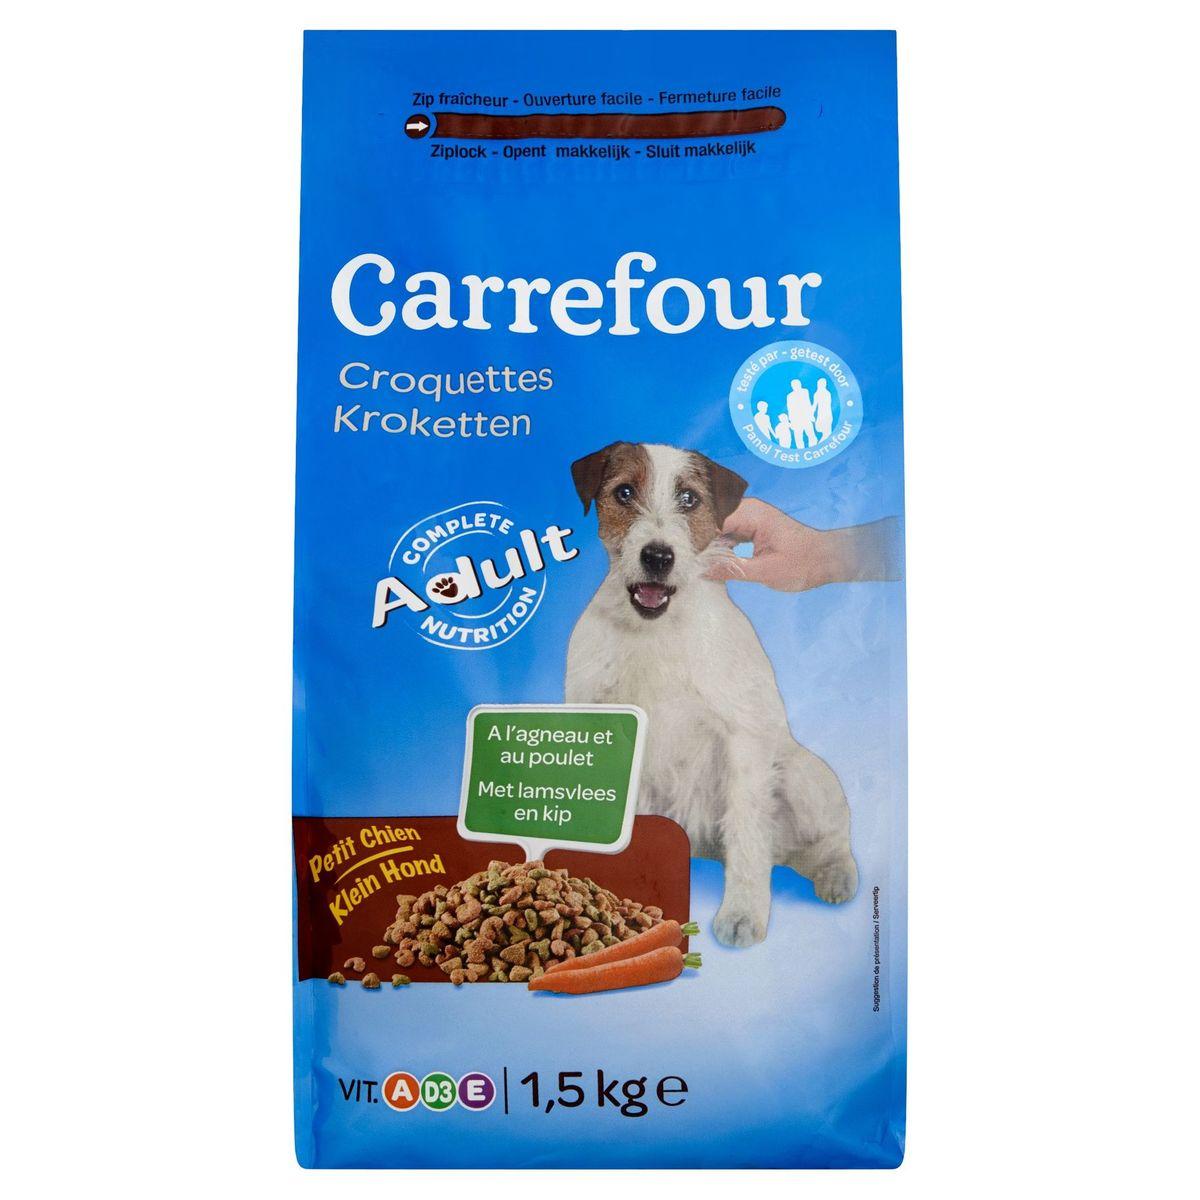 Carrefour Kroketten met Lamsvlees en Kip Klein Hond 1.5 kg